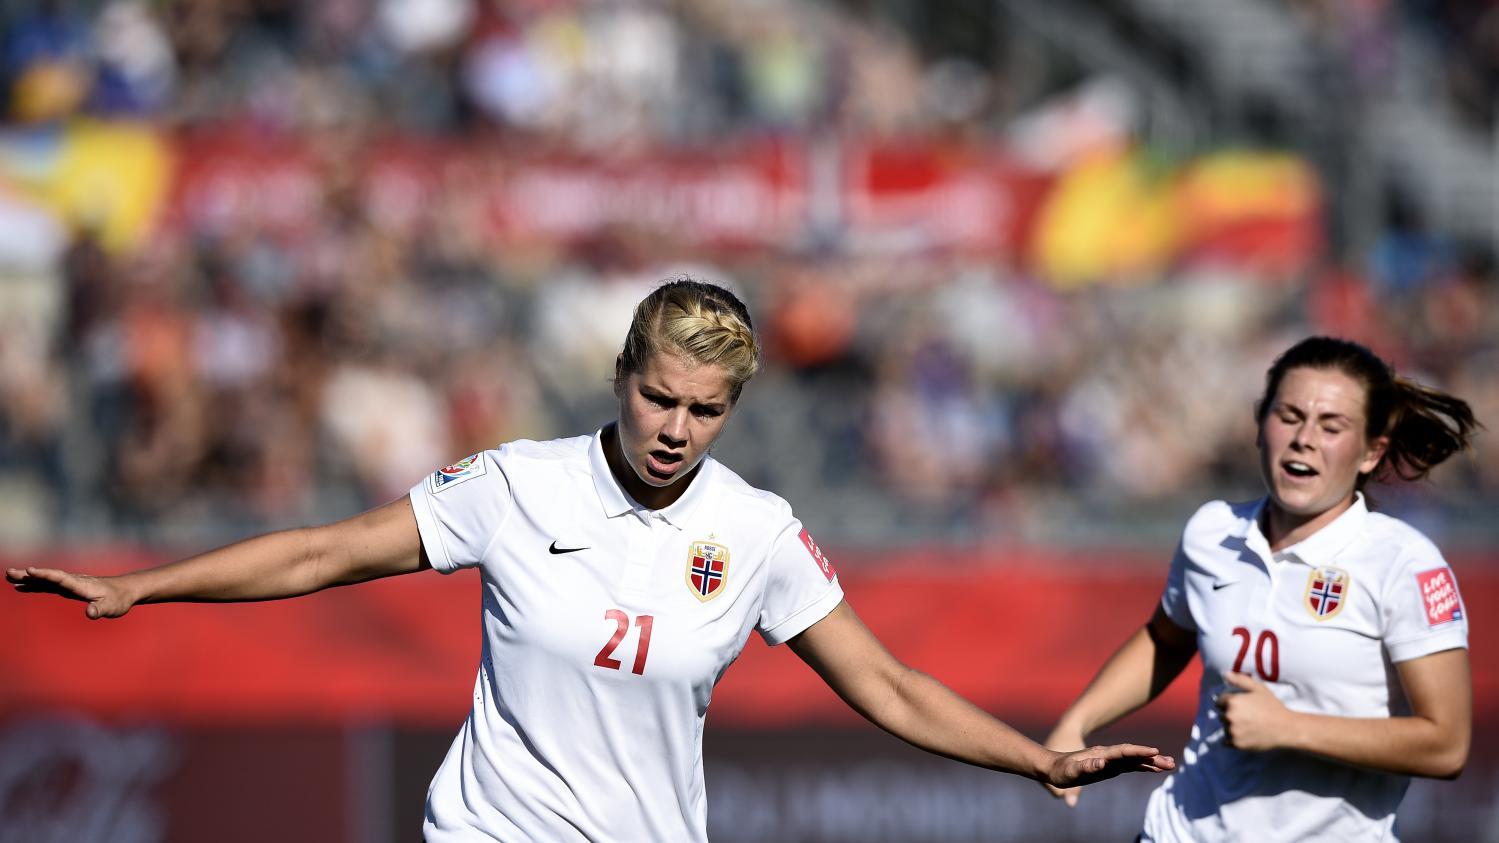 Video les joueuses norv giennes ironisent sur les clich s qui entourent le foot f minin - Coupe du monde de foot feminin ...